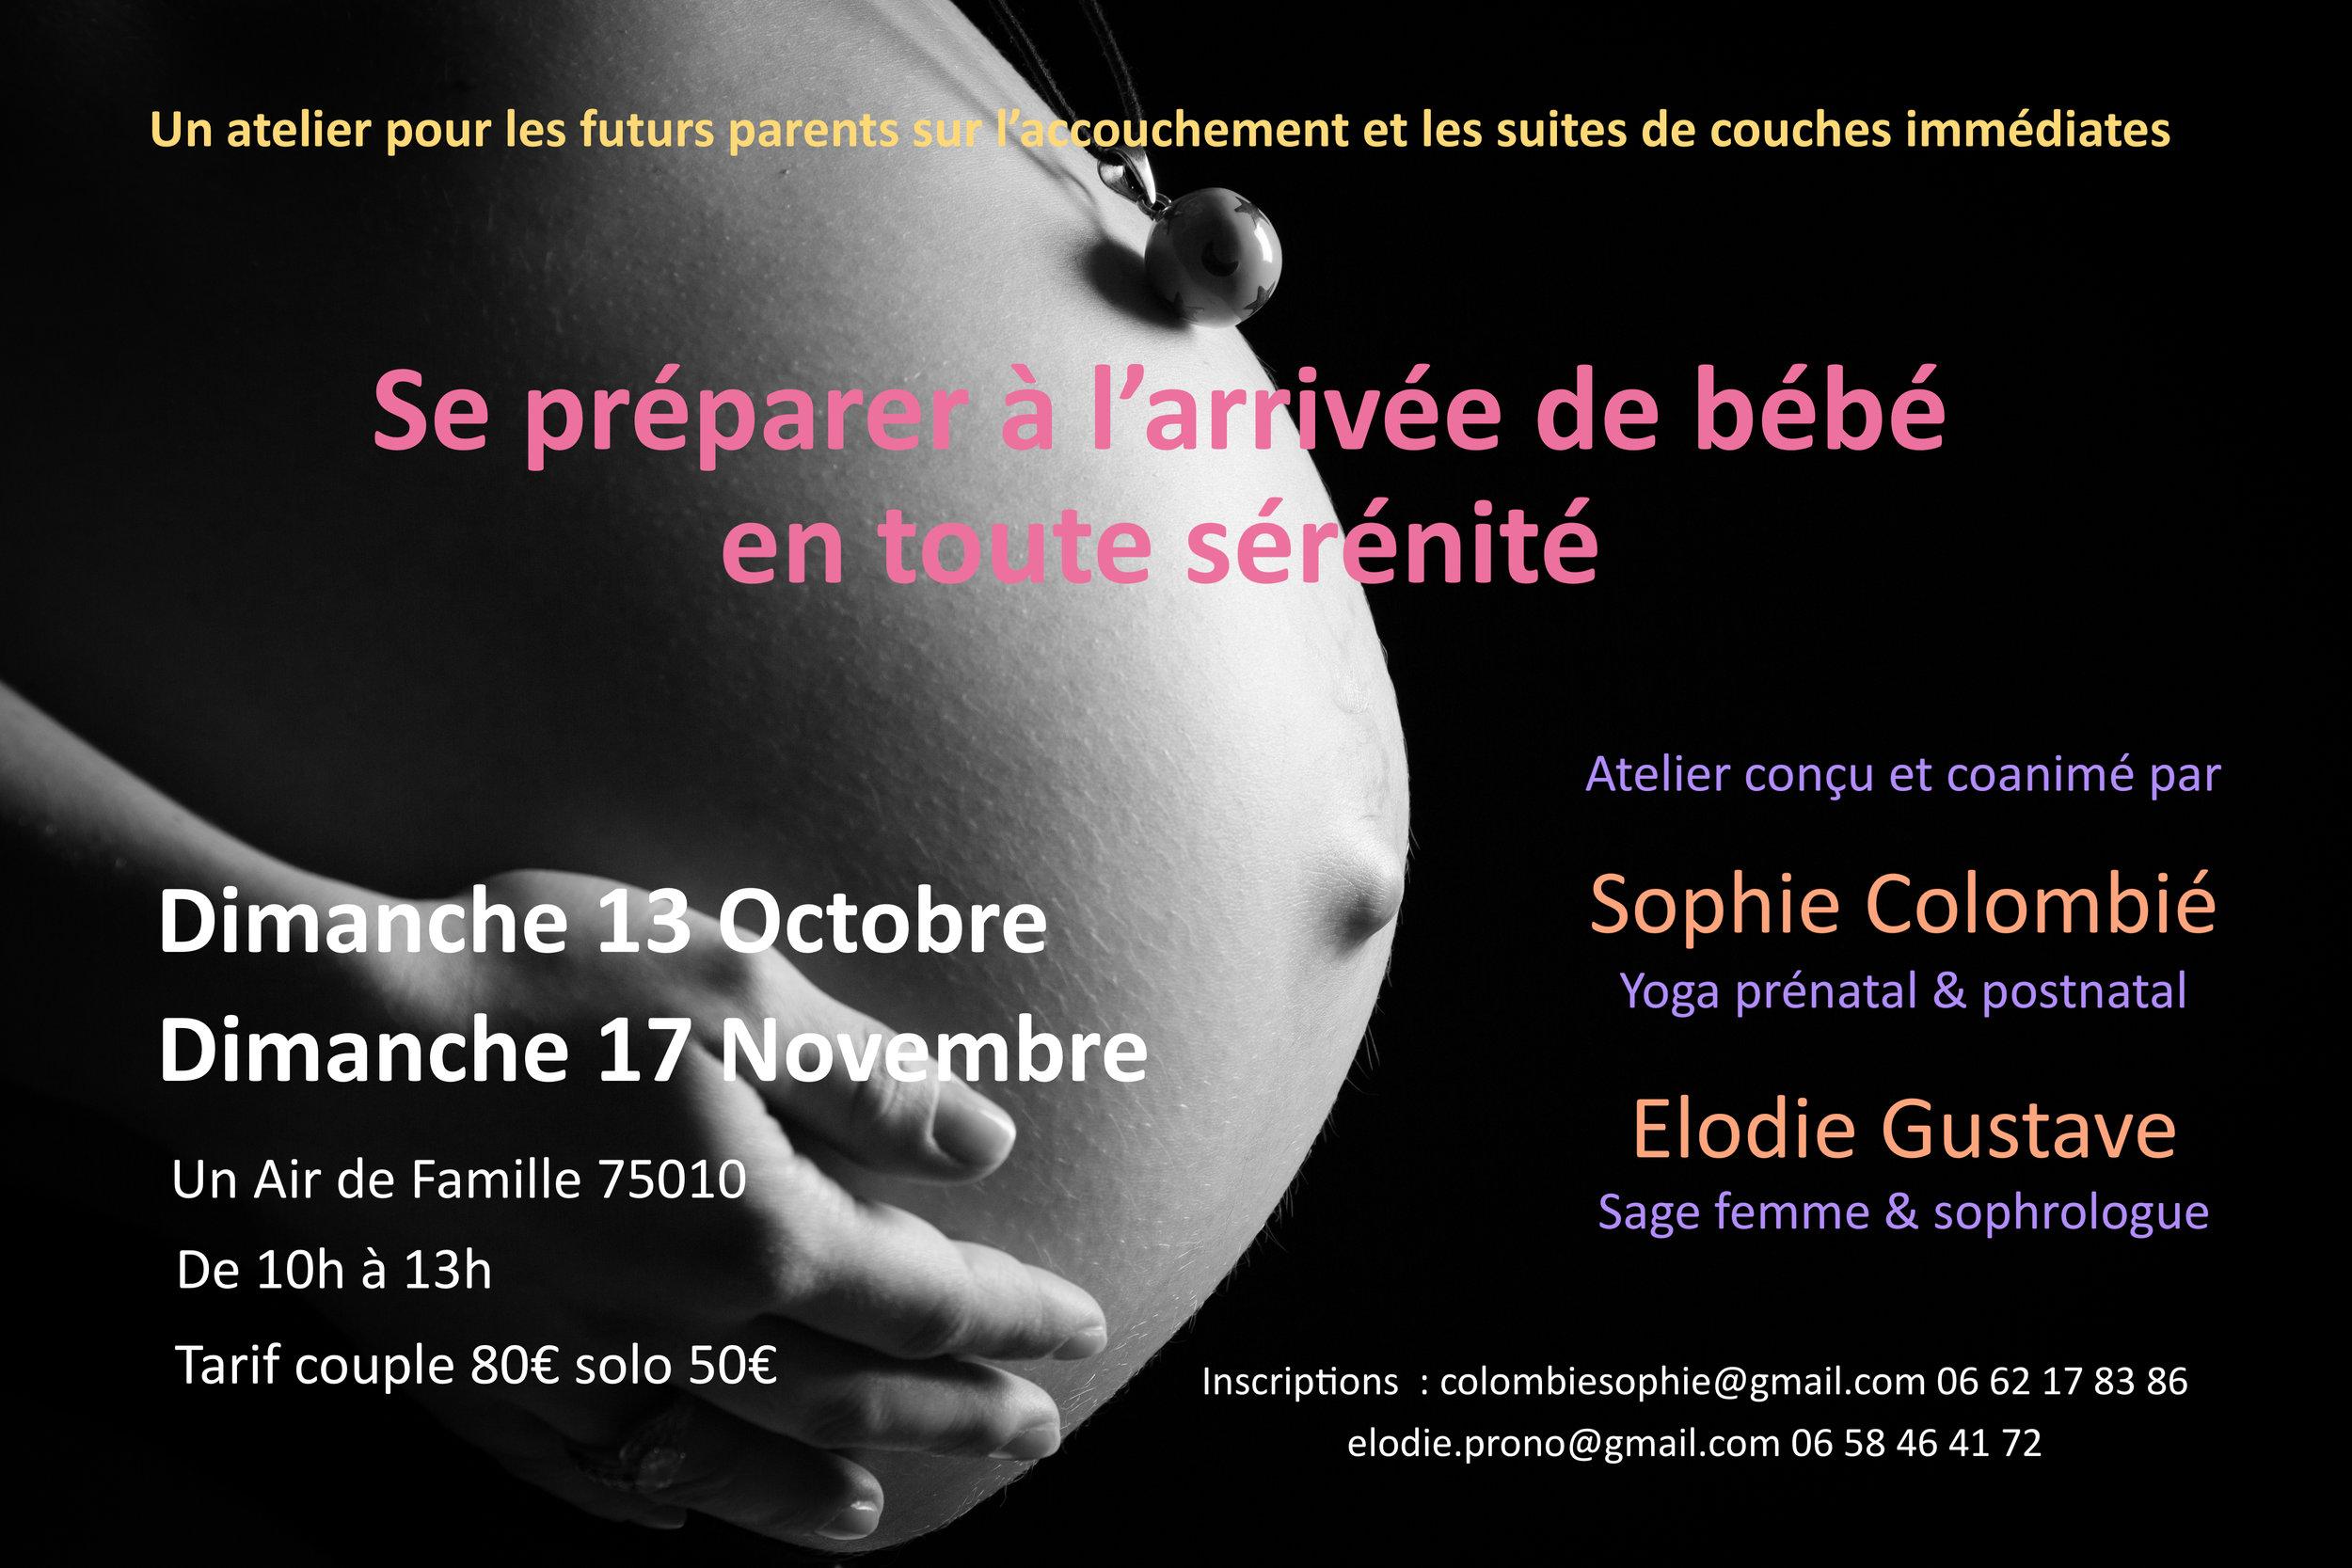 Visuel Atelier Maternité.jpg